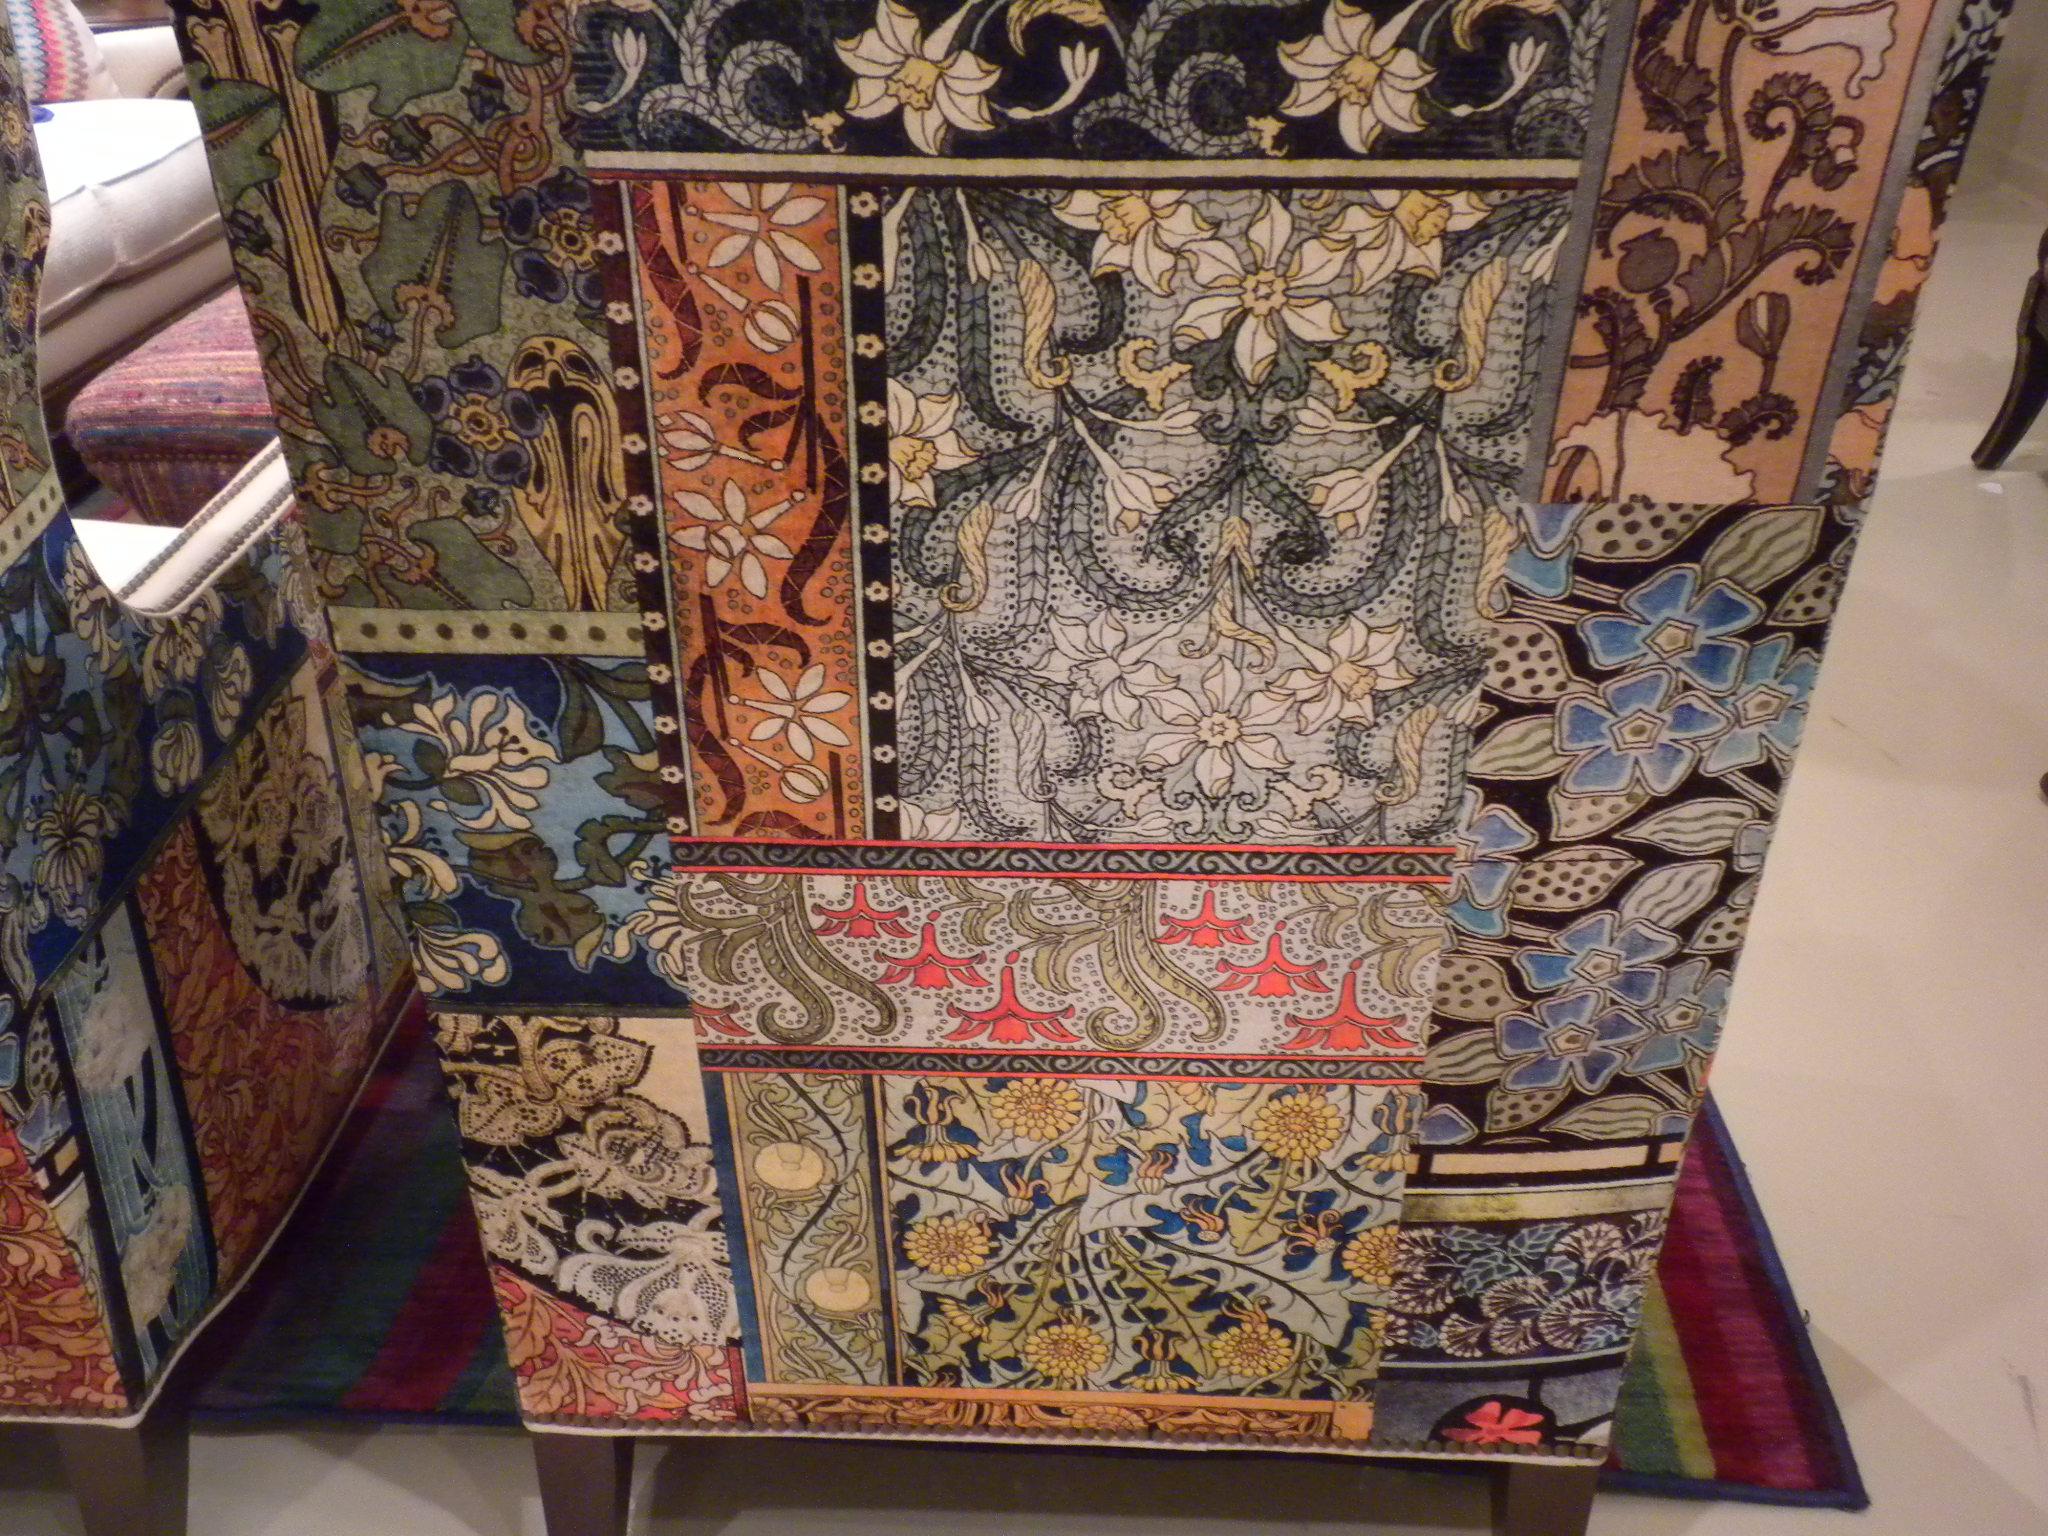 Art nouveau style furniture - Dscn2370